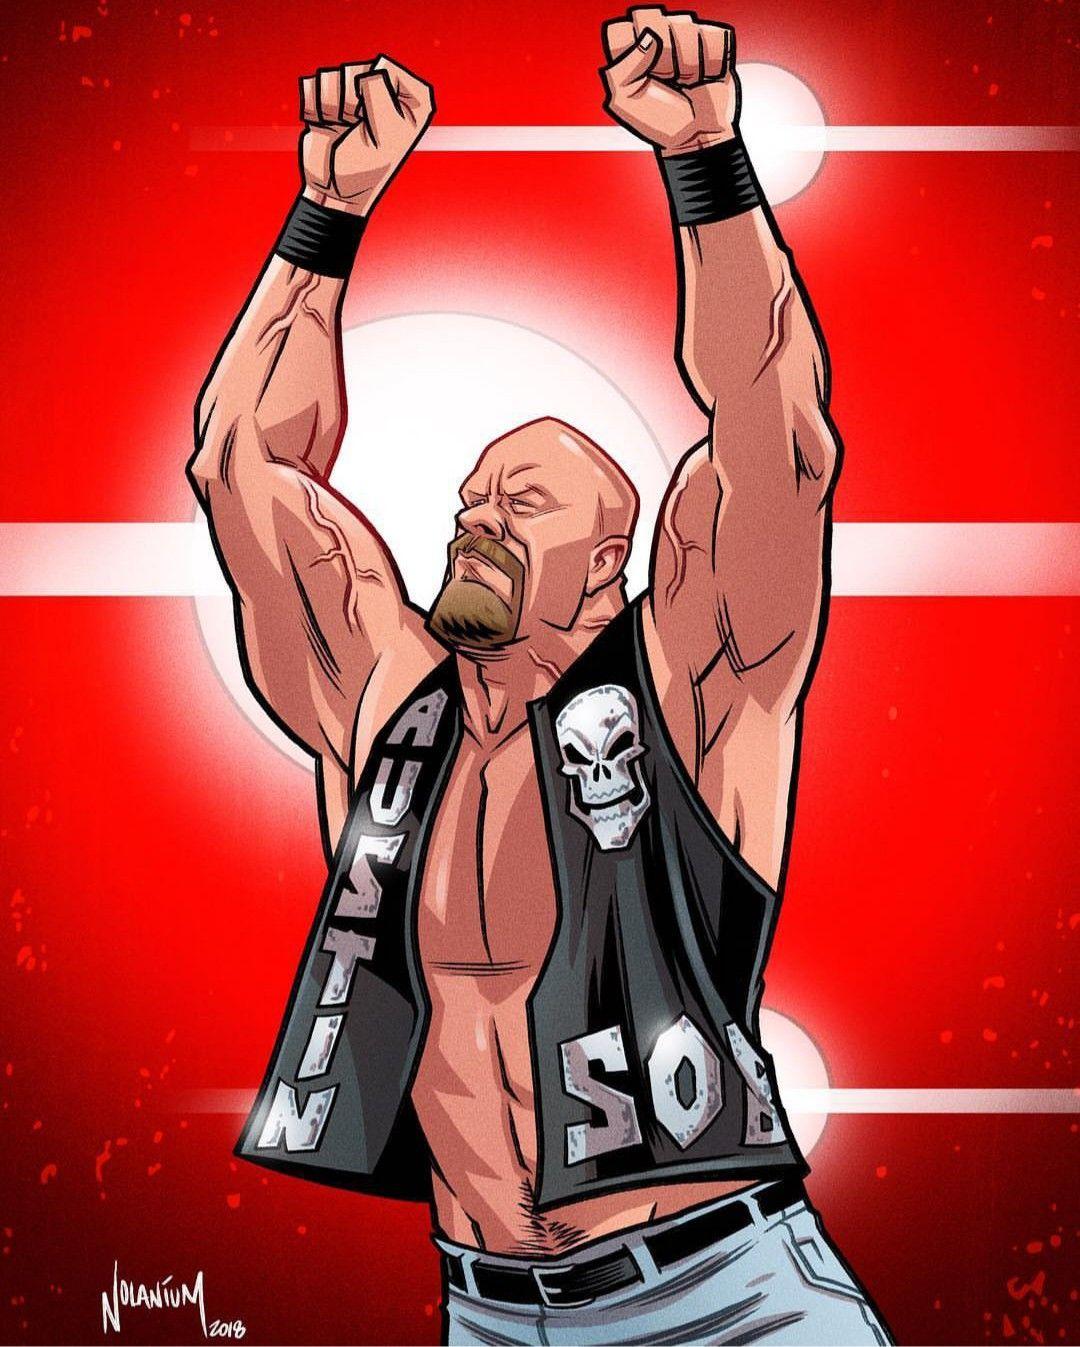 Stone Cold Steve Austin Wrestling Pinterest Wrestling Wwe Wwe